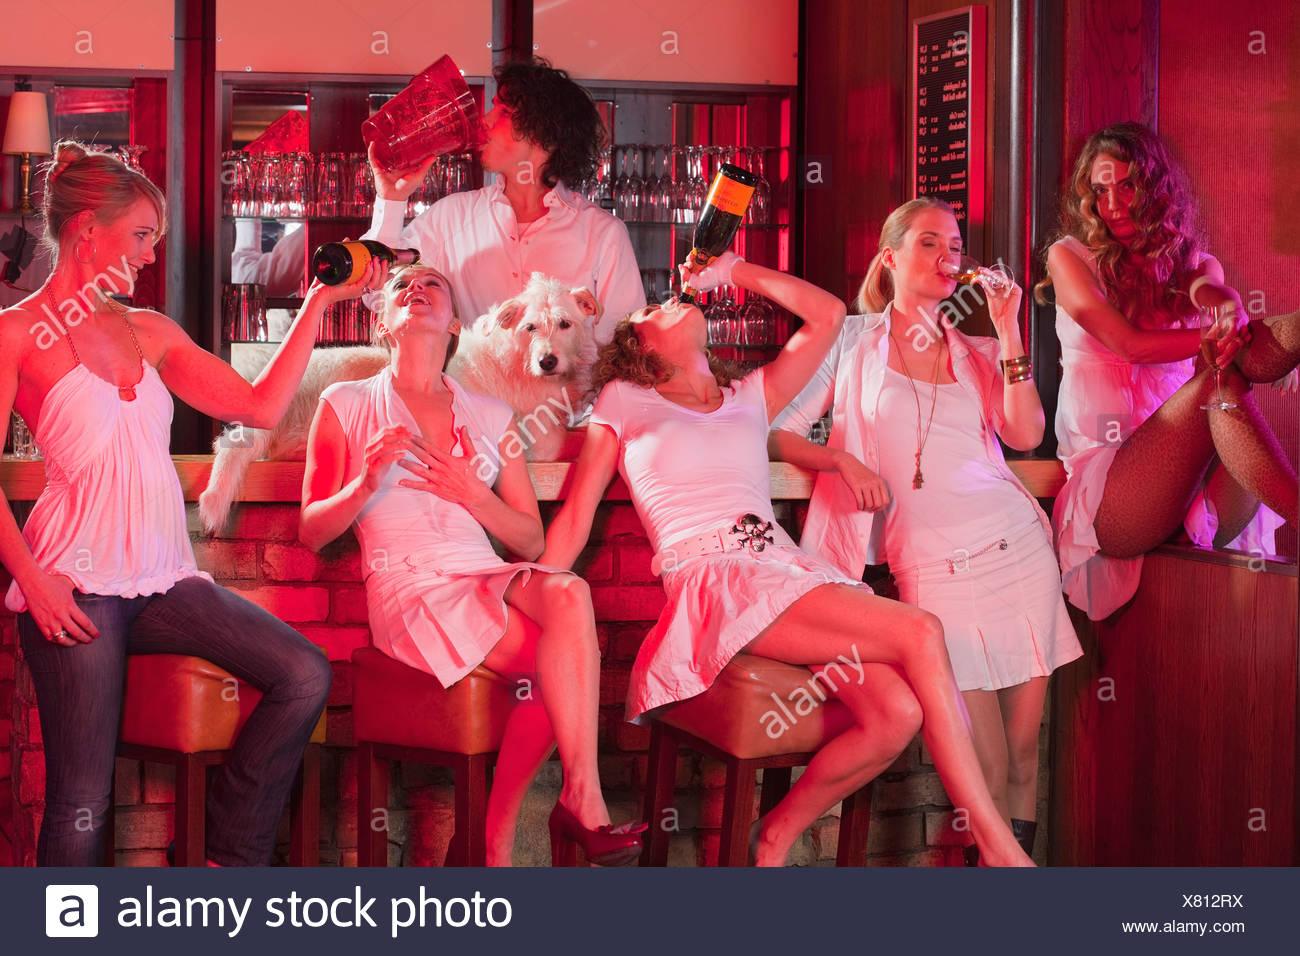 Drunk teen se, sex masquerade party